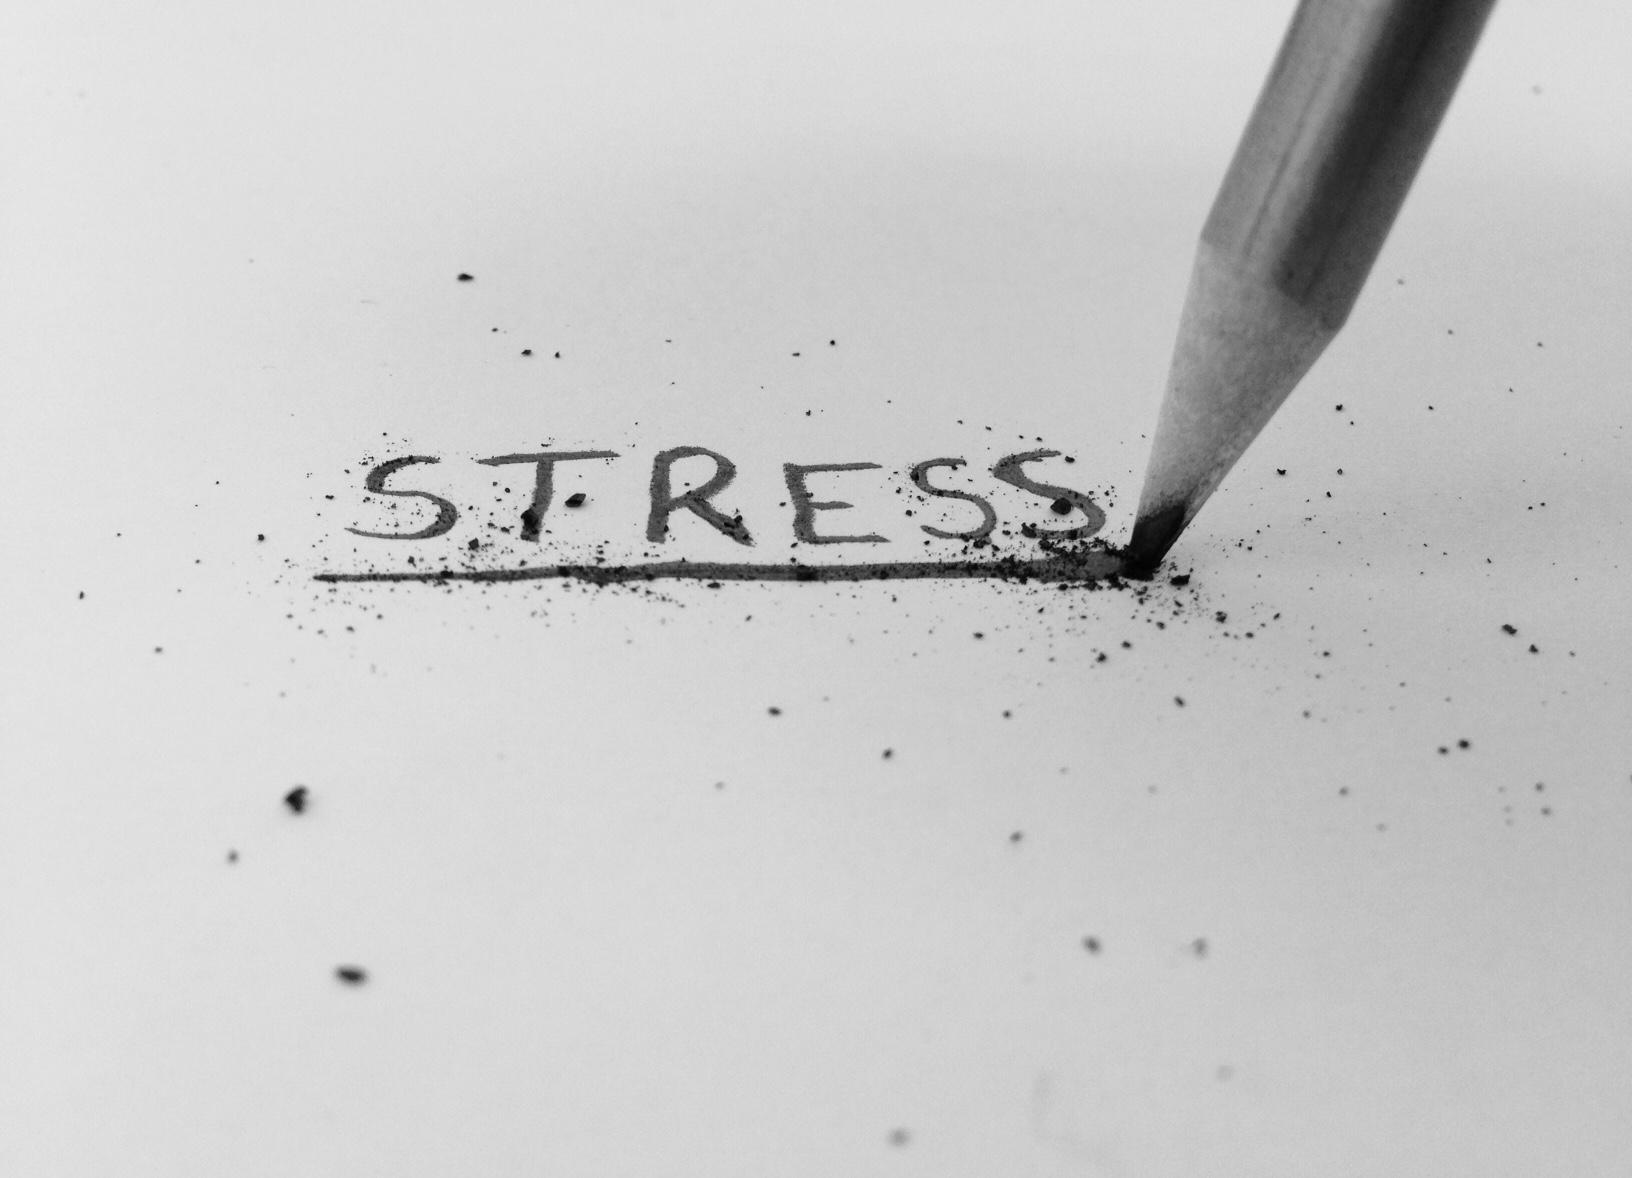 Dr Morton's - stress breaking a pencil